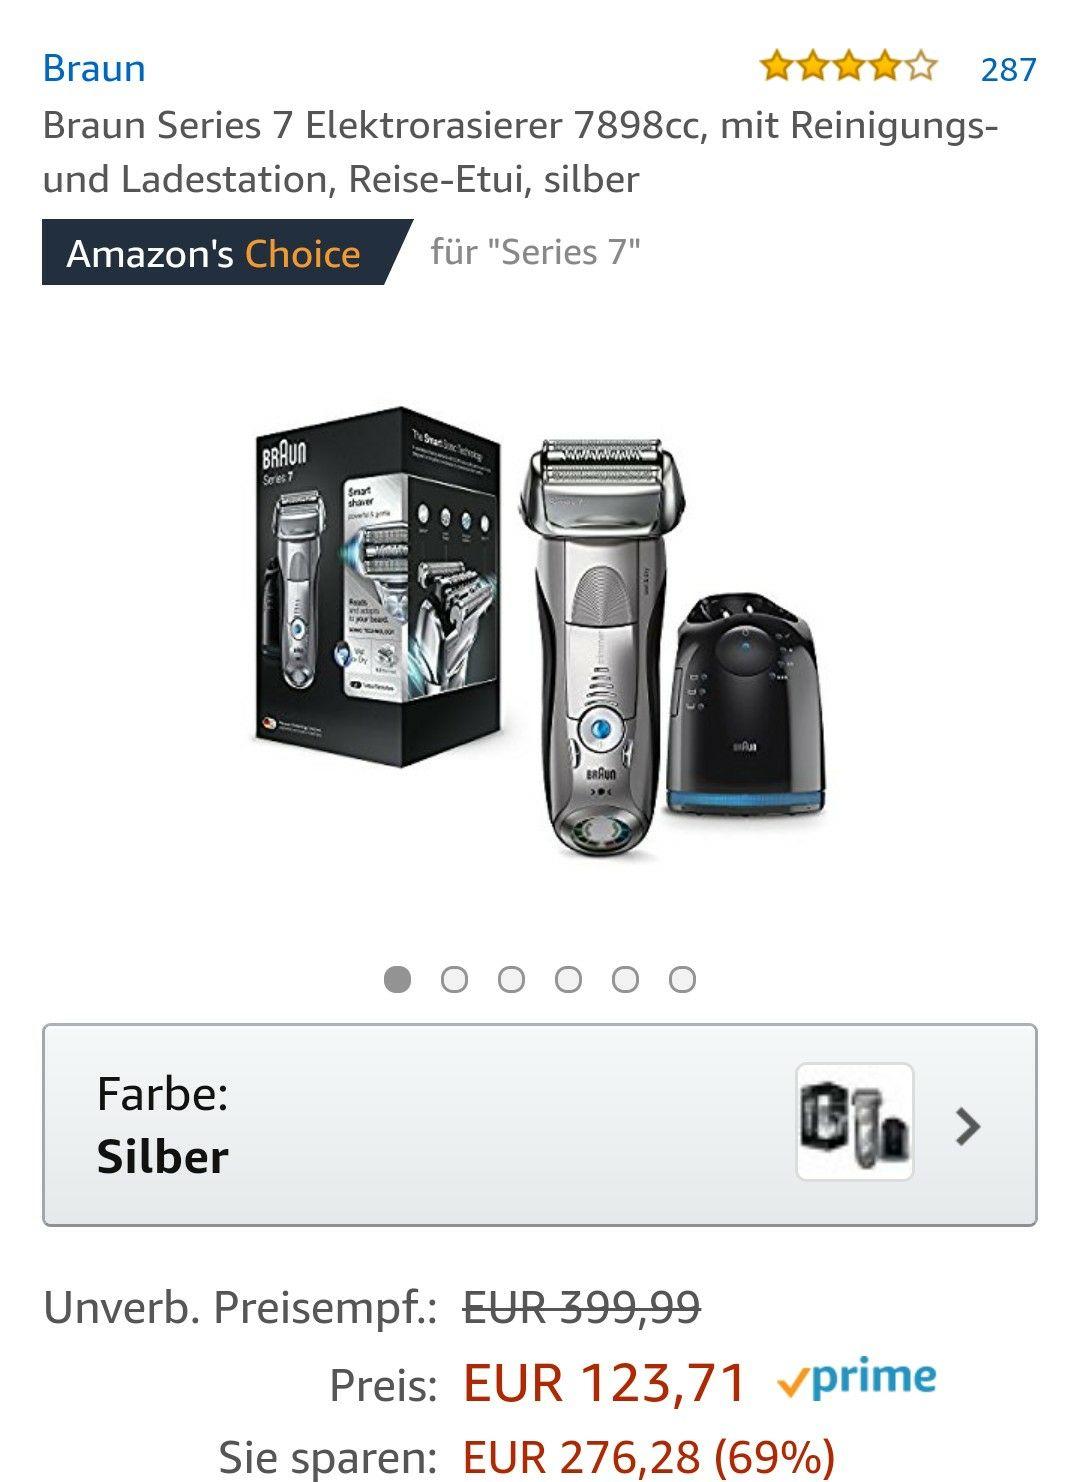 [Amazon] Braun Series 7 Elektrorasierer 7898cc inkl. Reinigungsstation